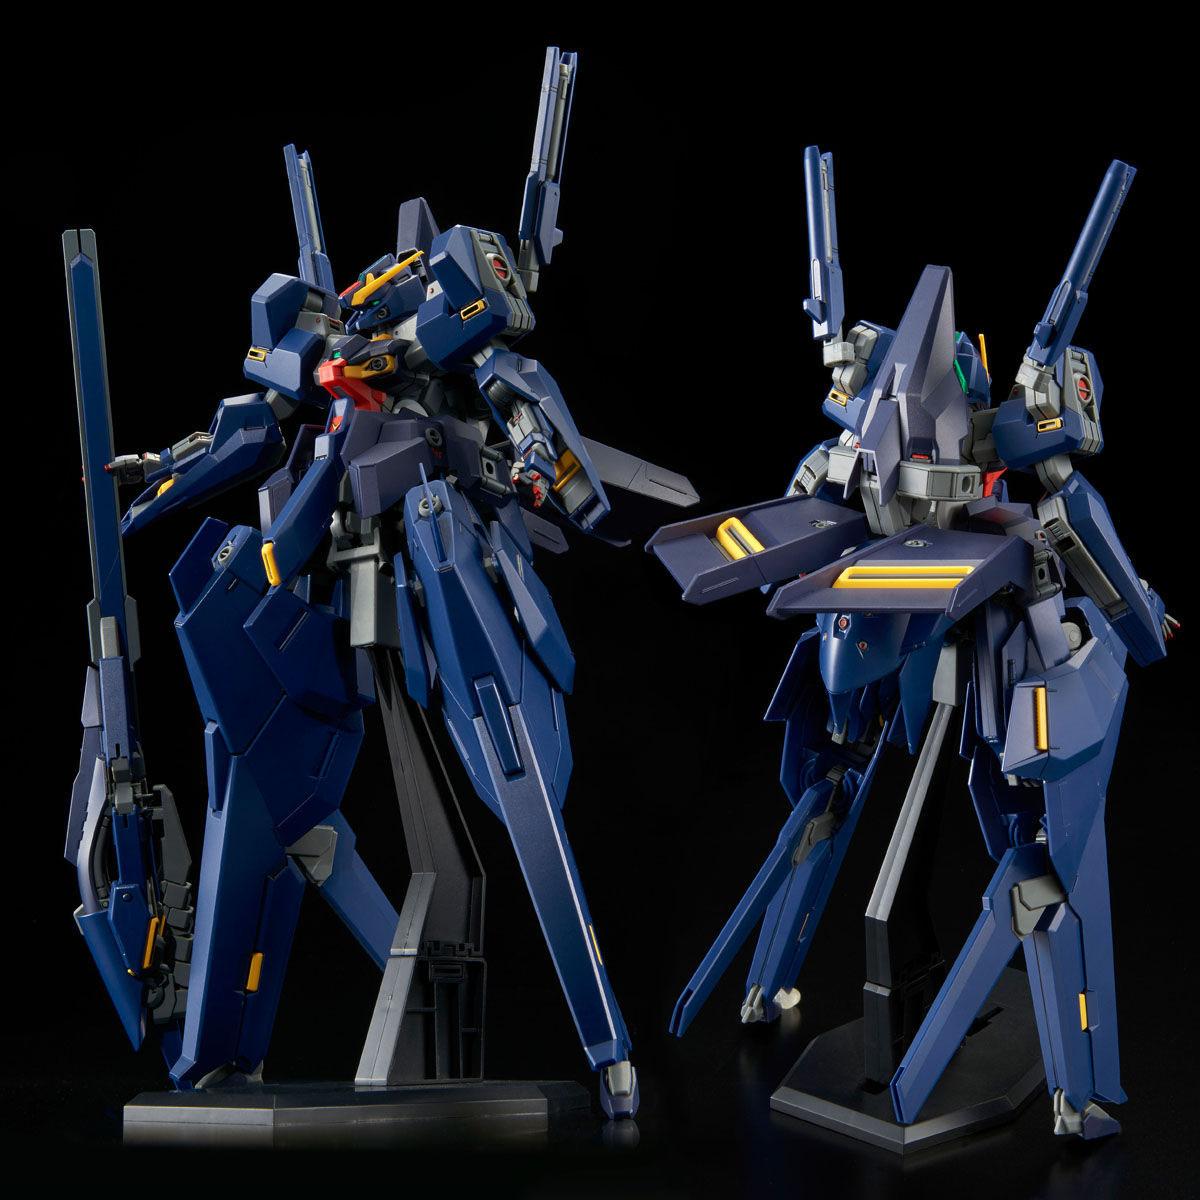 【限定販売】HG 1/144『ガンダムTR-6[ハイゼンスレイII]』プラモデル-002